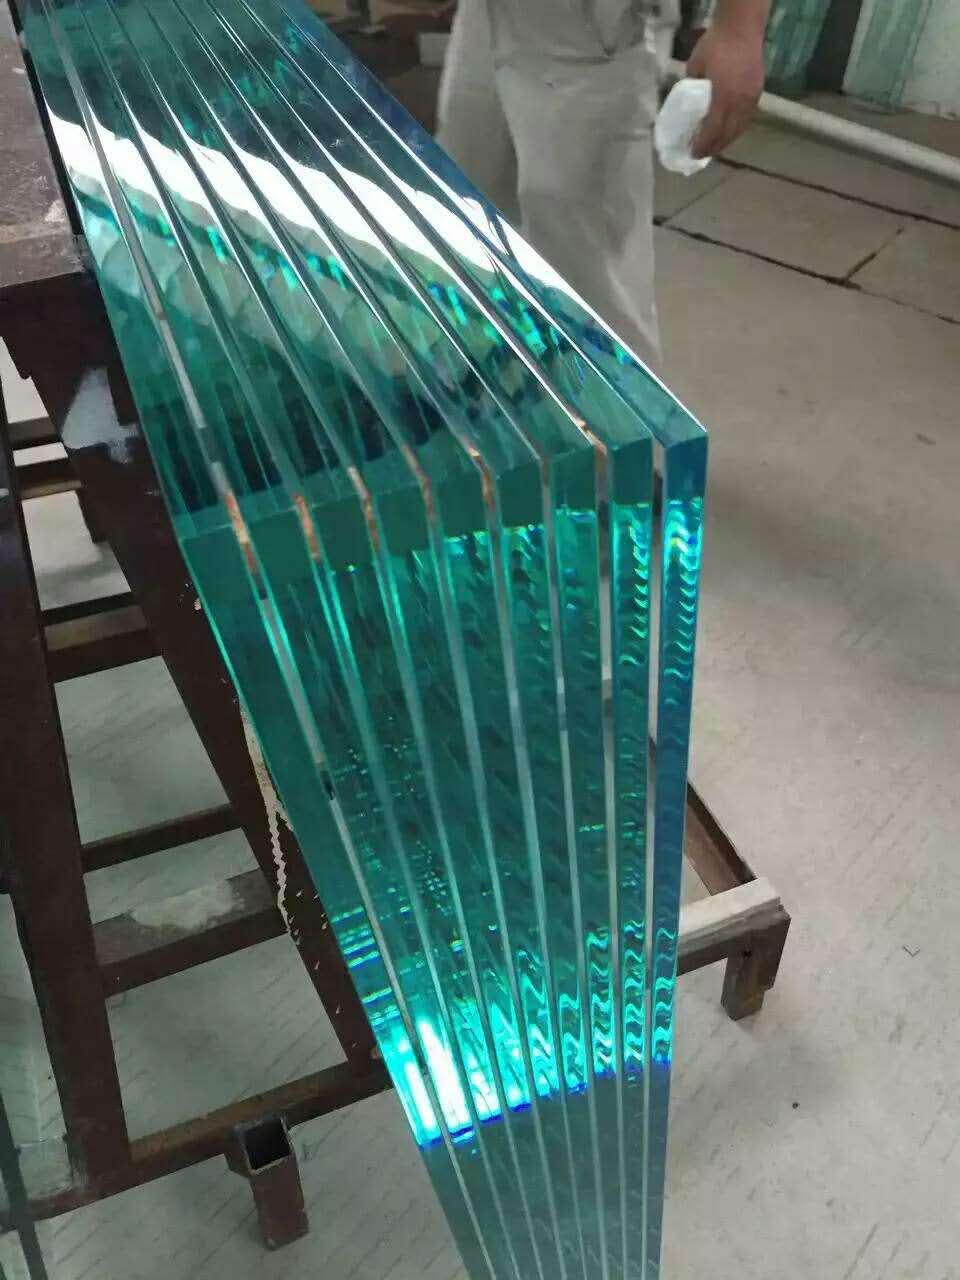 定制鱼缸原材料—优质玻璃